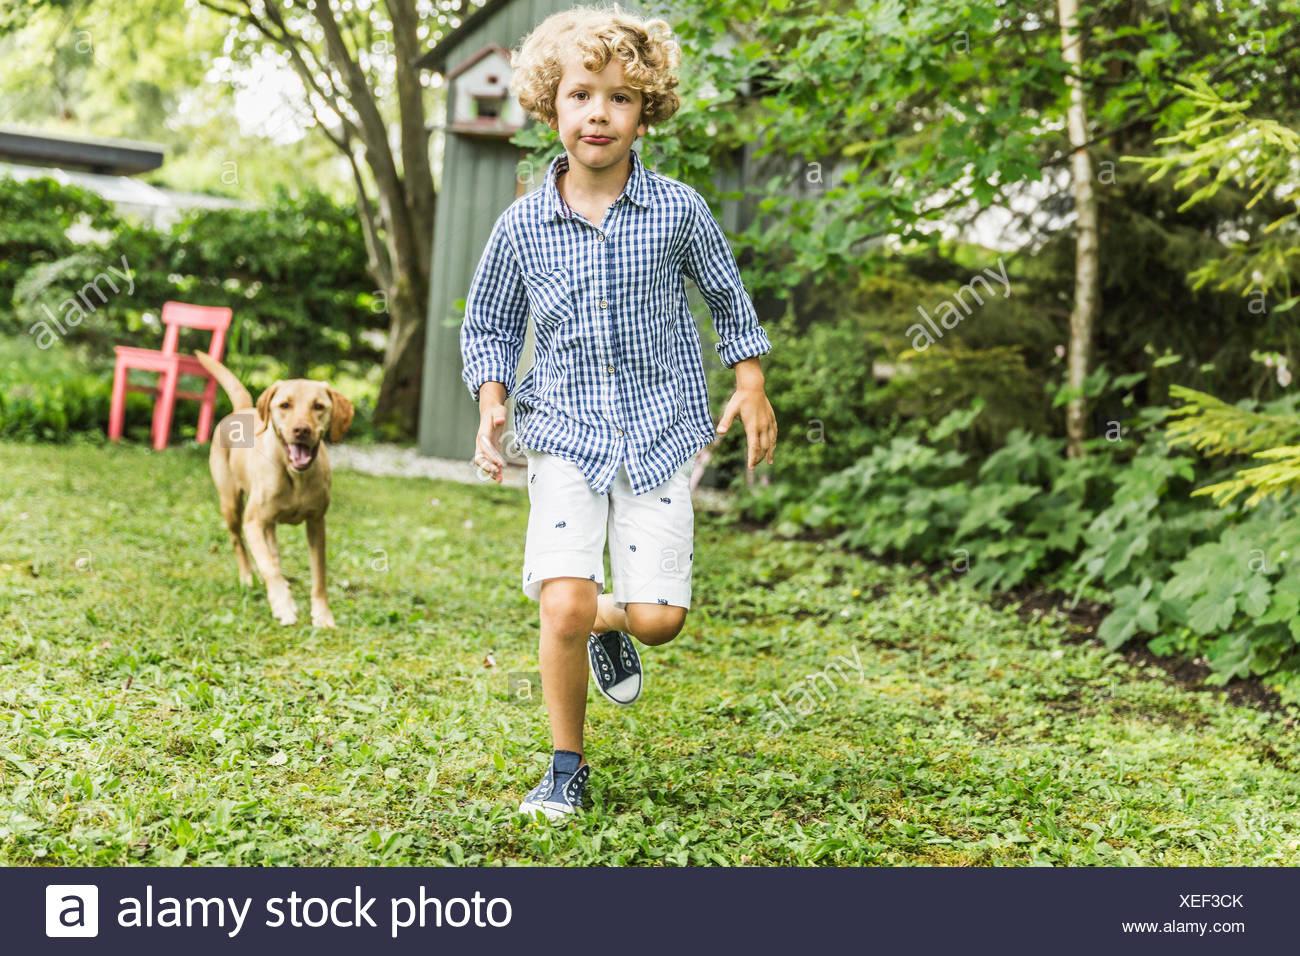 Ragazzo in esecuzione con il cane in giardino Immagini Stock